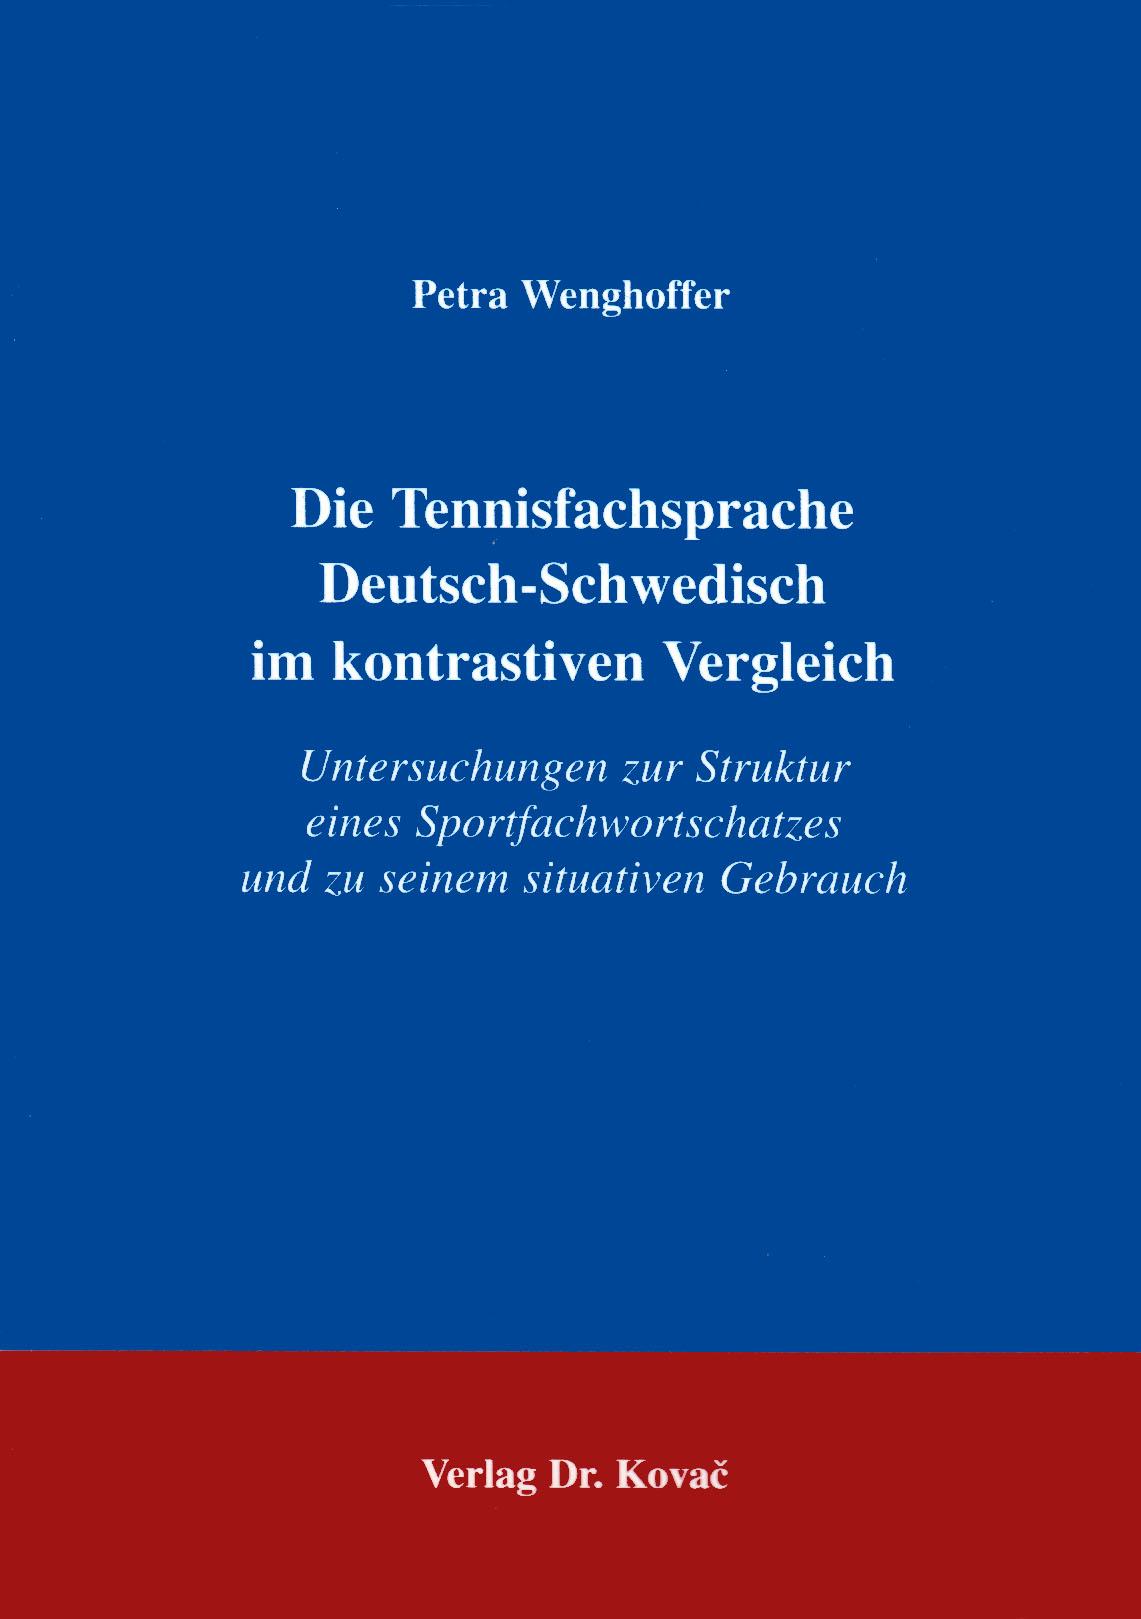 Cover: Die Tennisfachsprache Deutsch-Schwedisch im kontrativen Vergleich